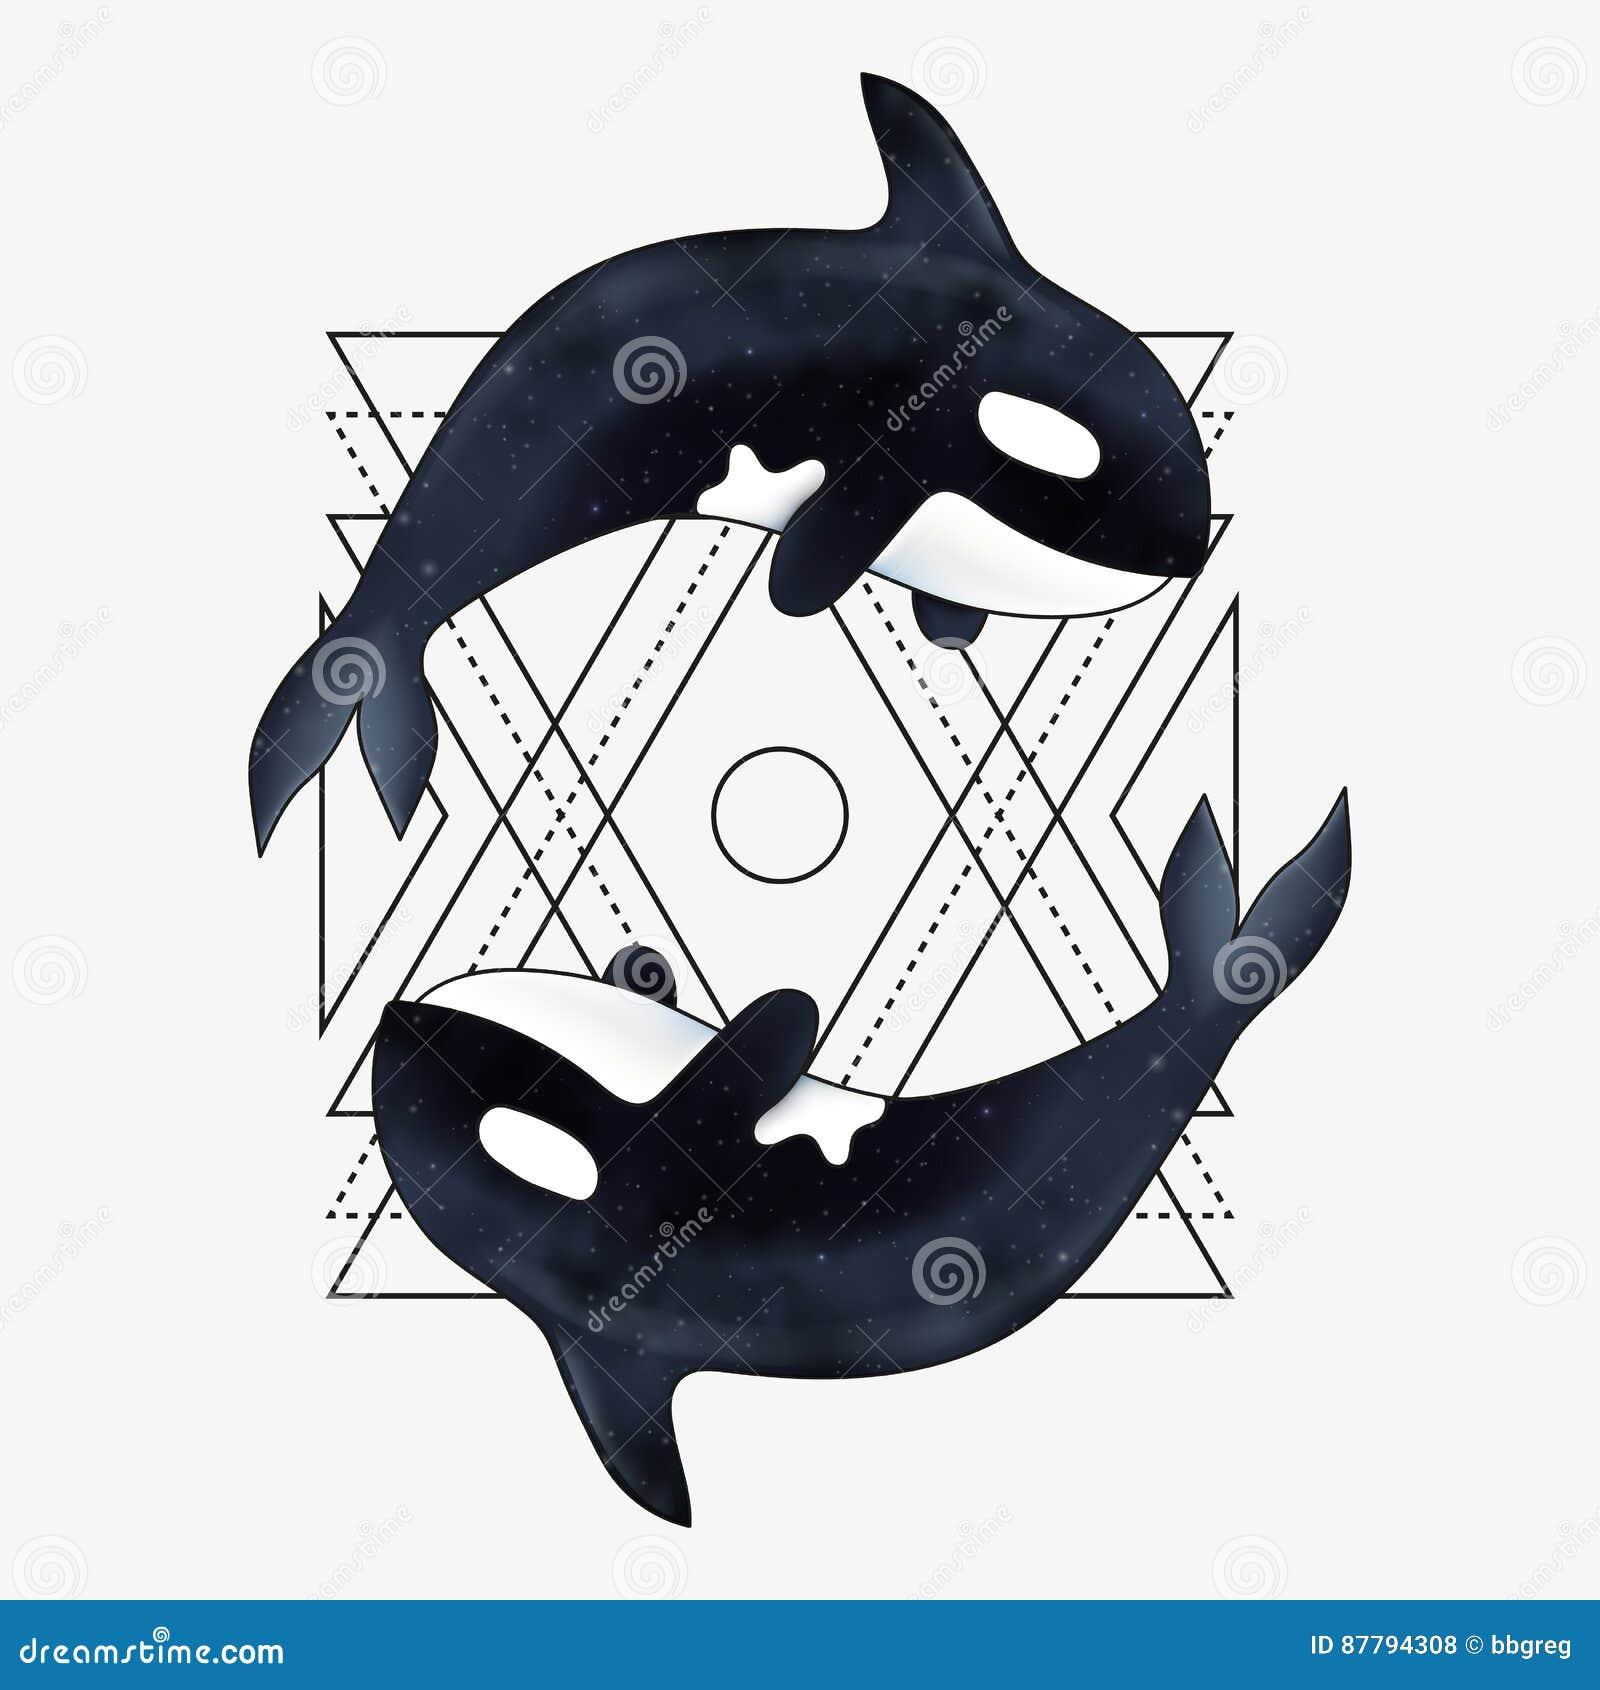 Ilustração do vetor da orca Mamífero marinho Baleia de assassino com elemento geométrico abstrato